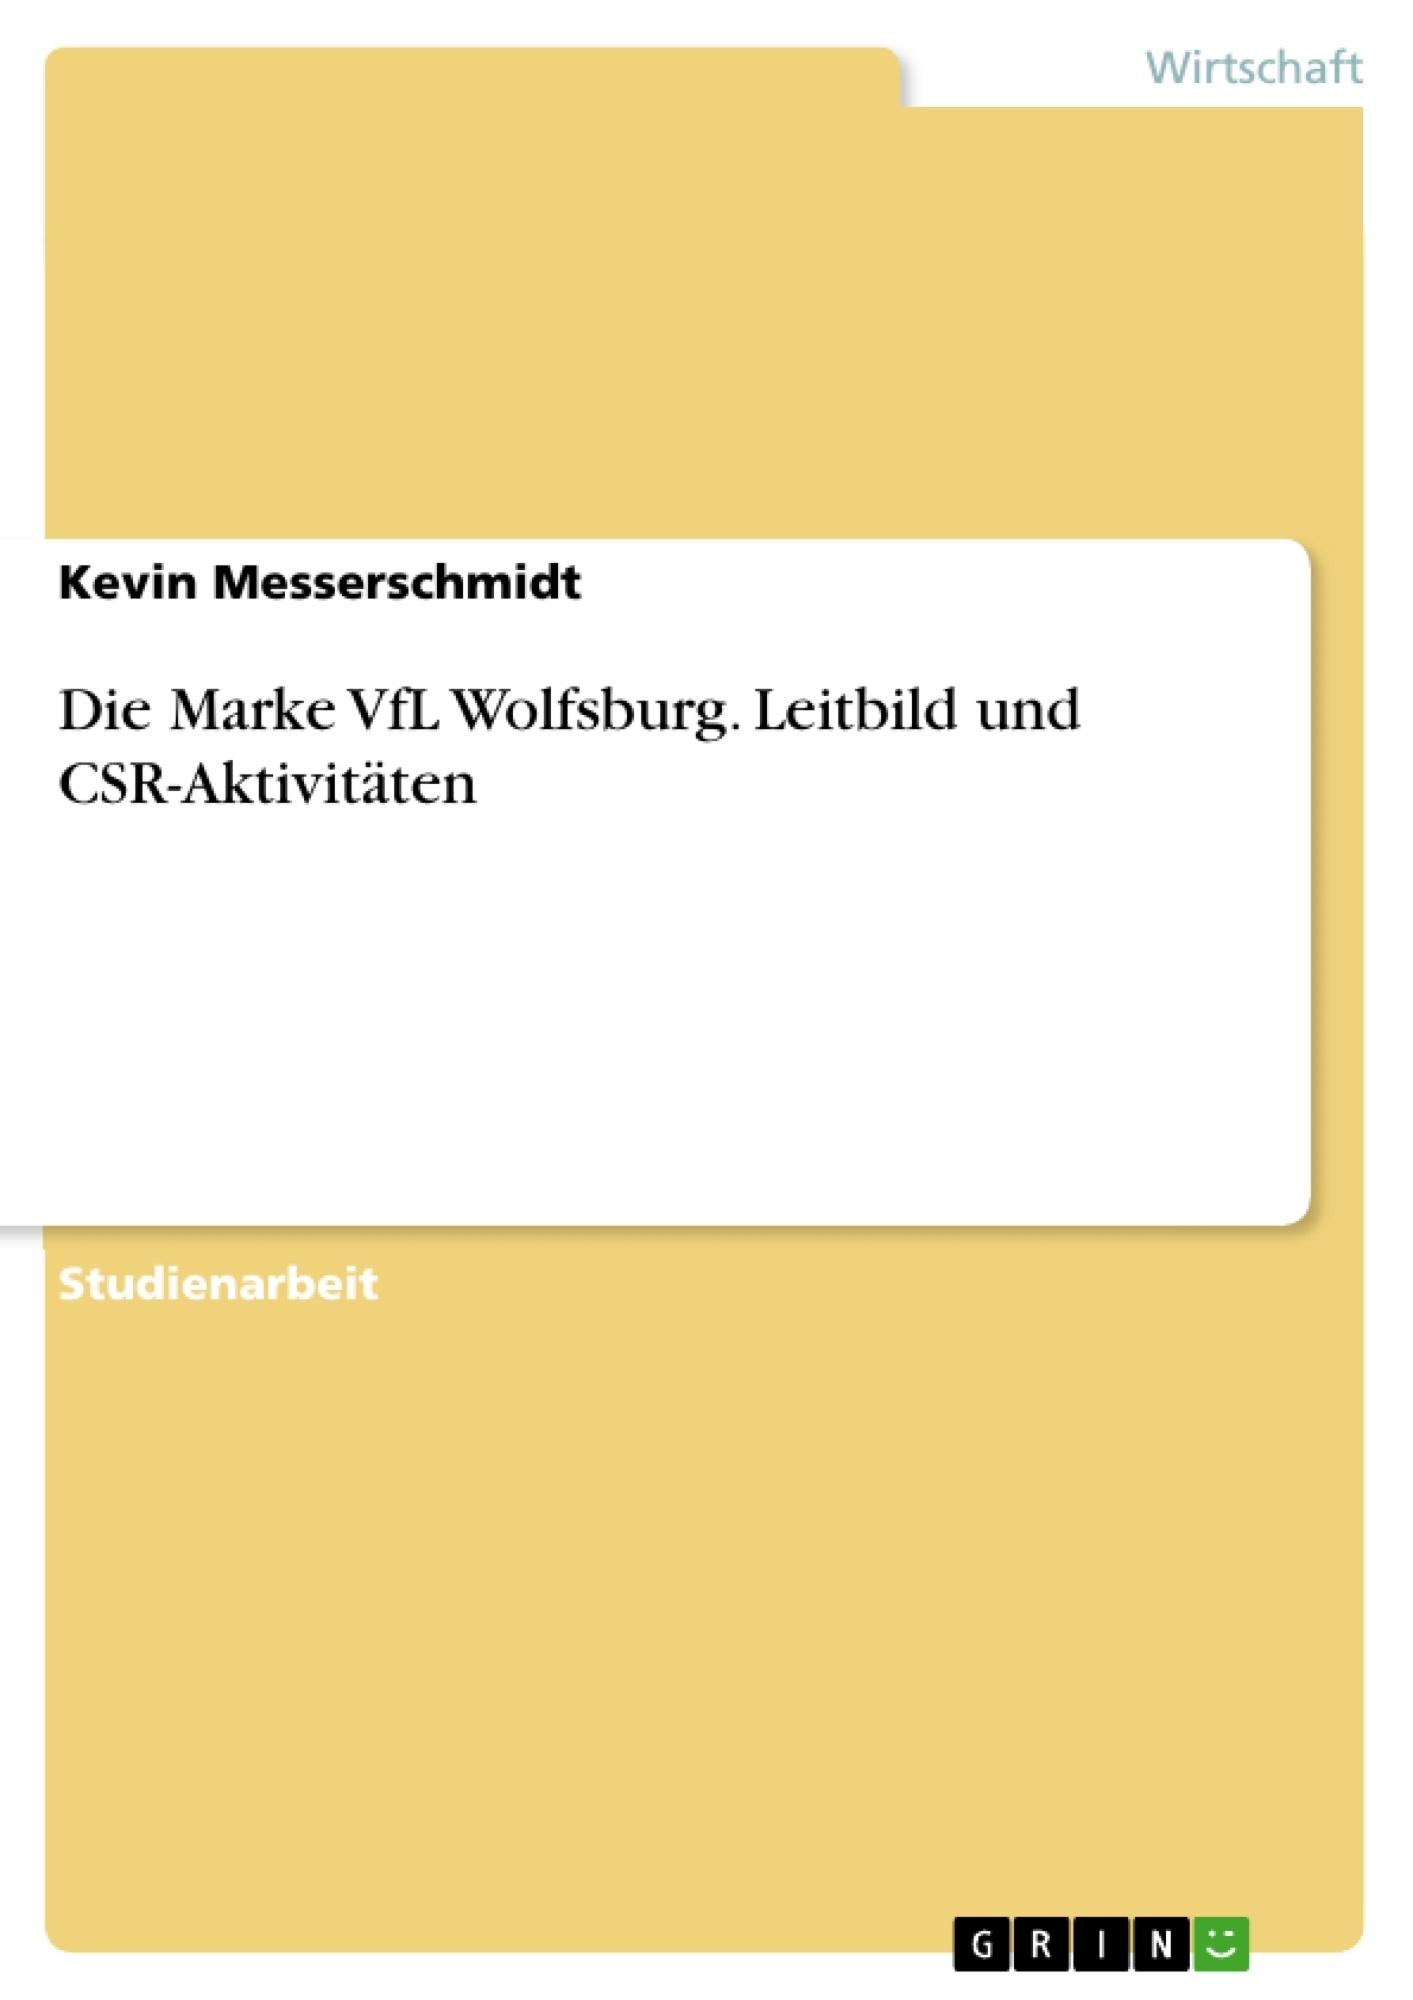 Titel: Die Marke VfL Wolfsburg. Leitbild und CSR-Aktivitäten